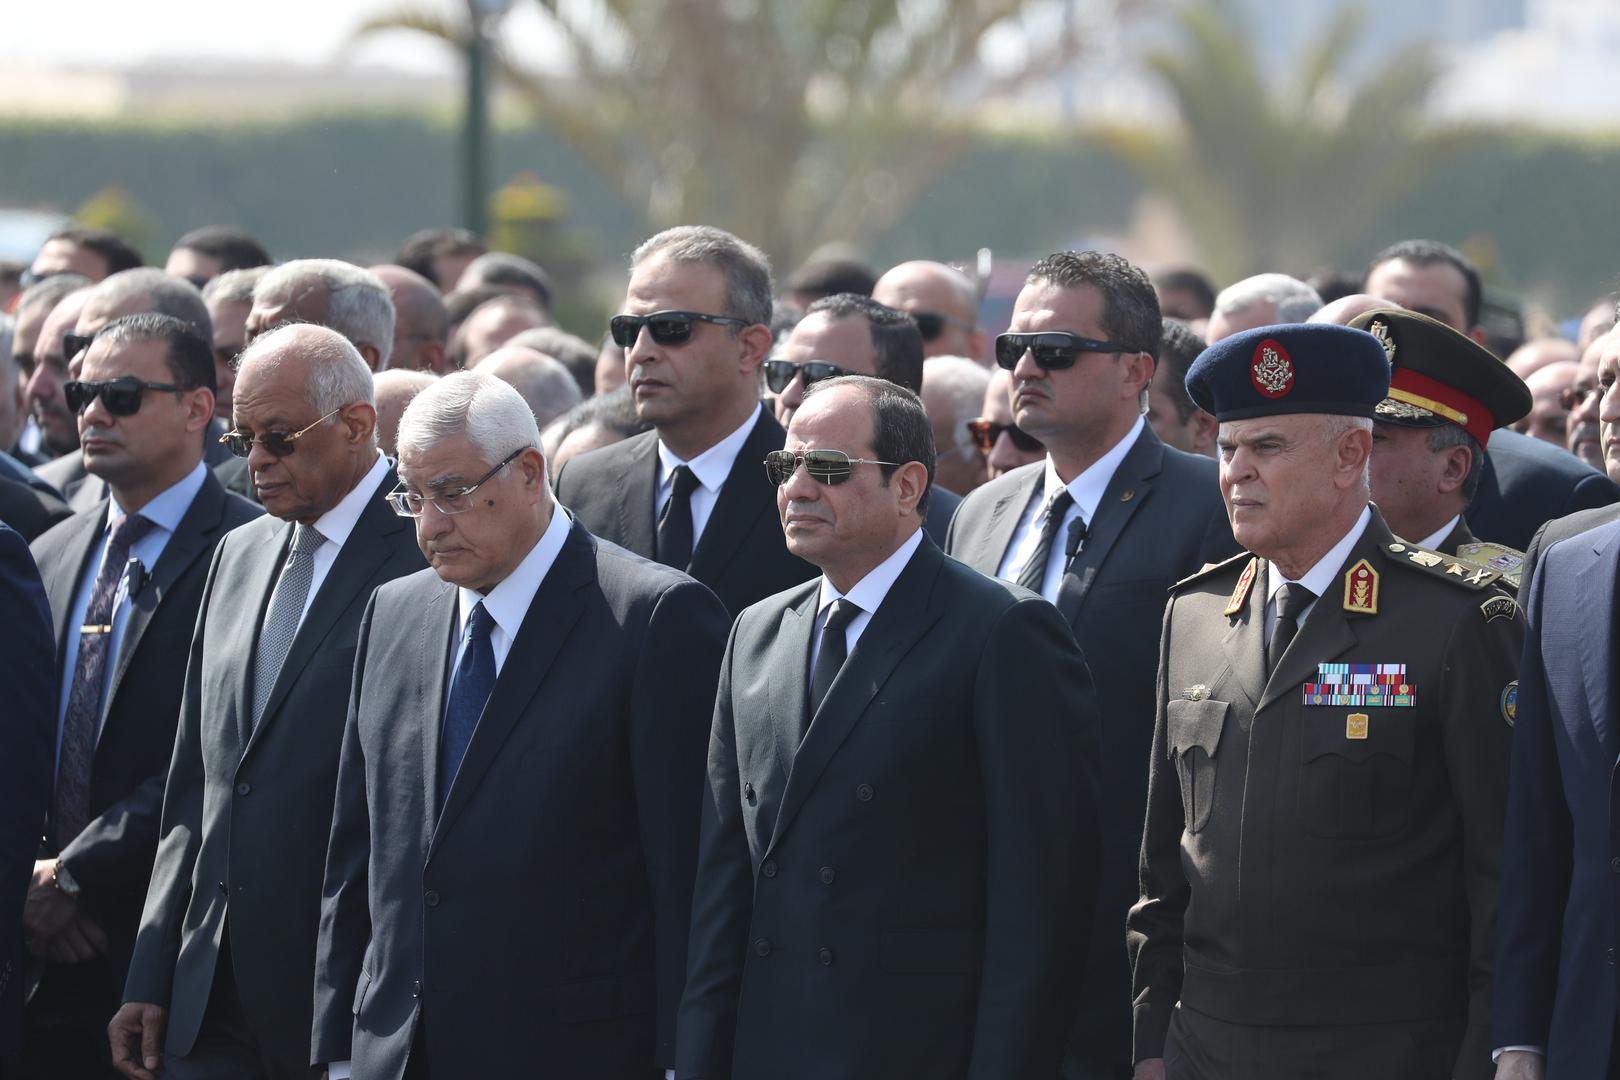 جنازة عسكرية بقيادة السيسي للمشير طنطاوي (فيديو)